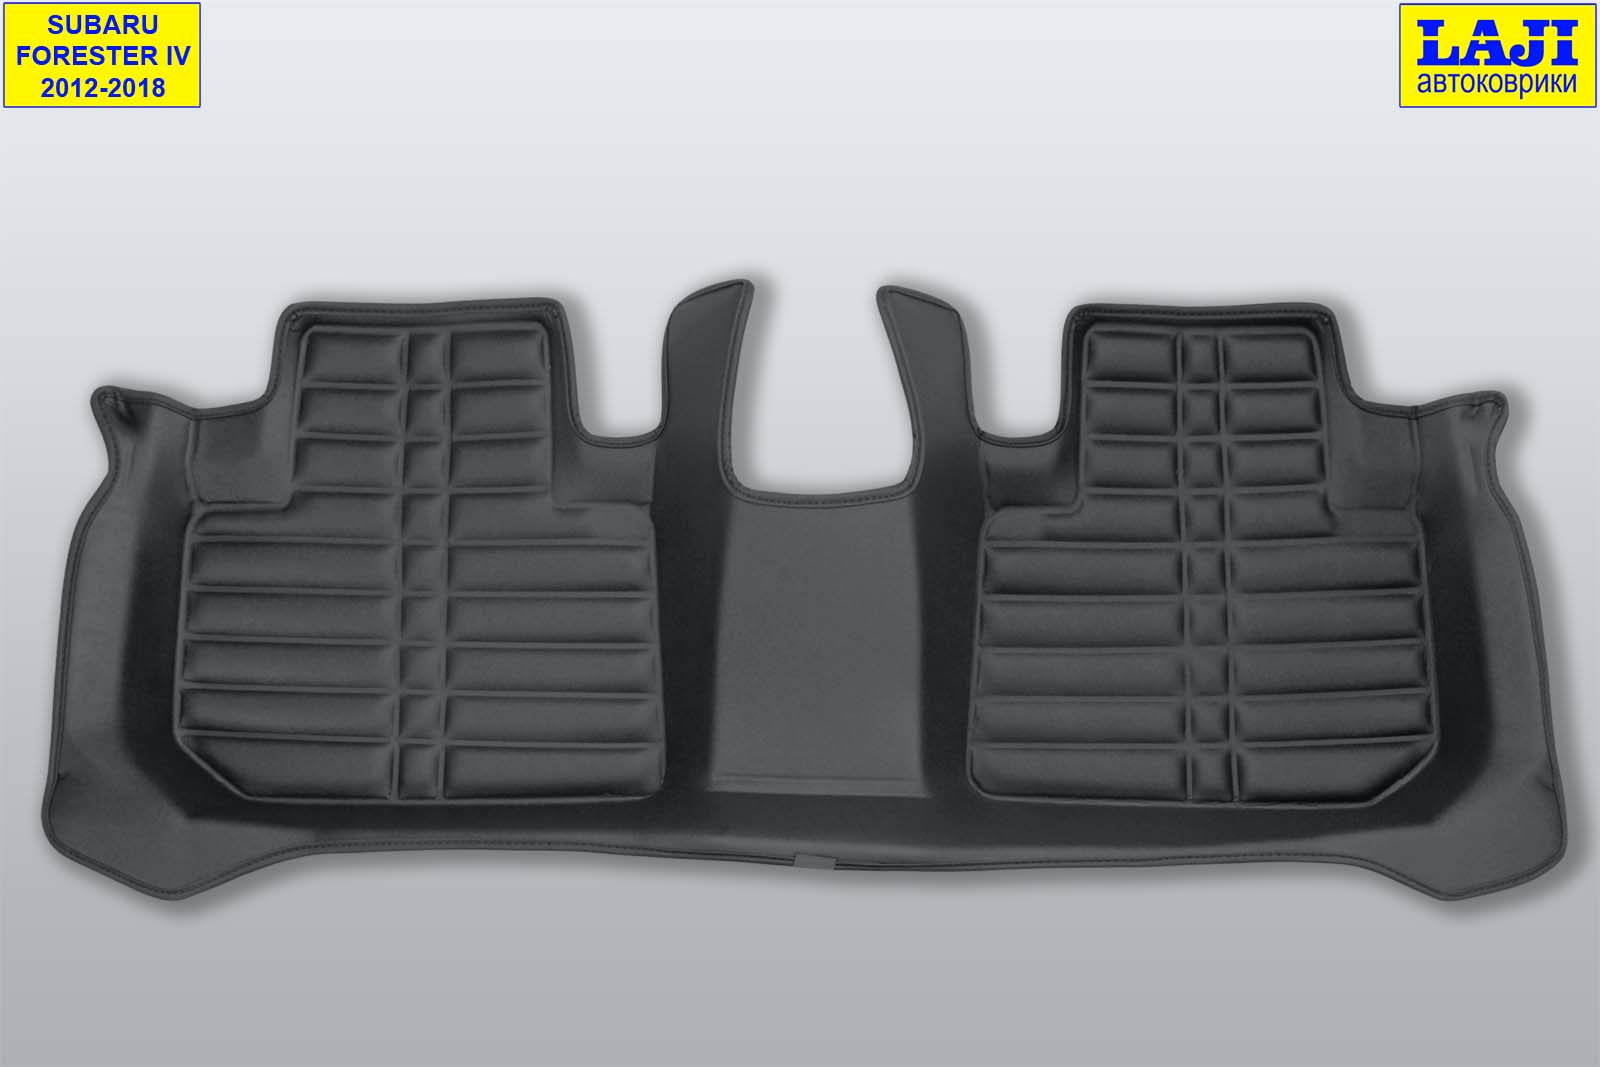 5D коврики в салон Subaru Forester IV 2012-2018 10